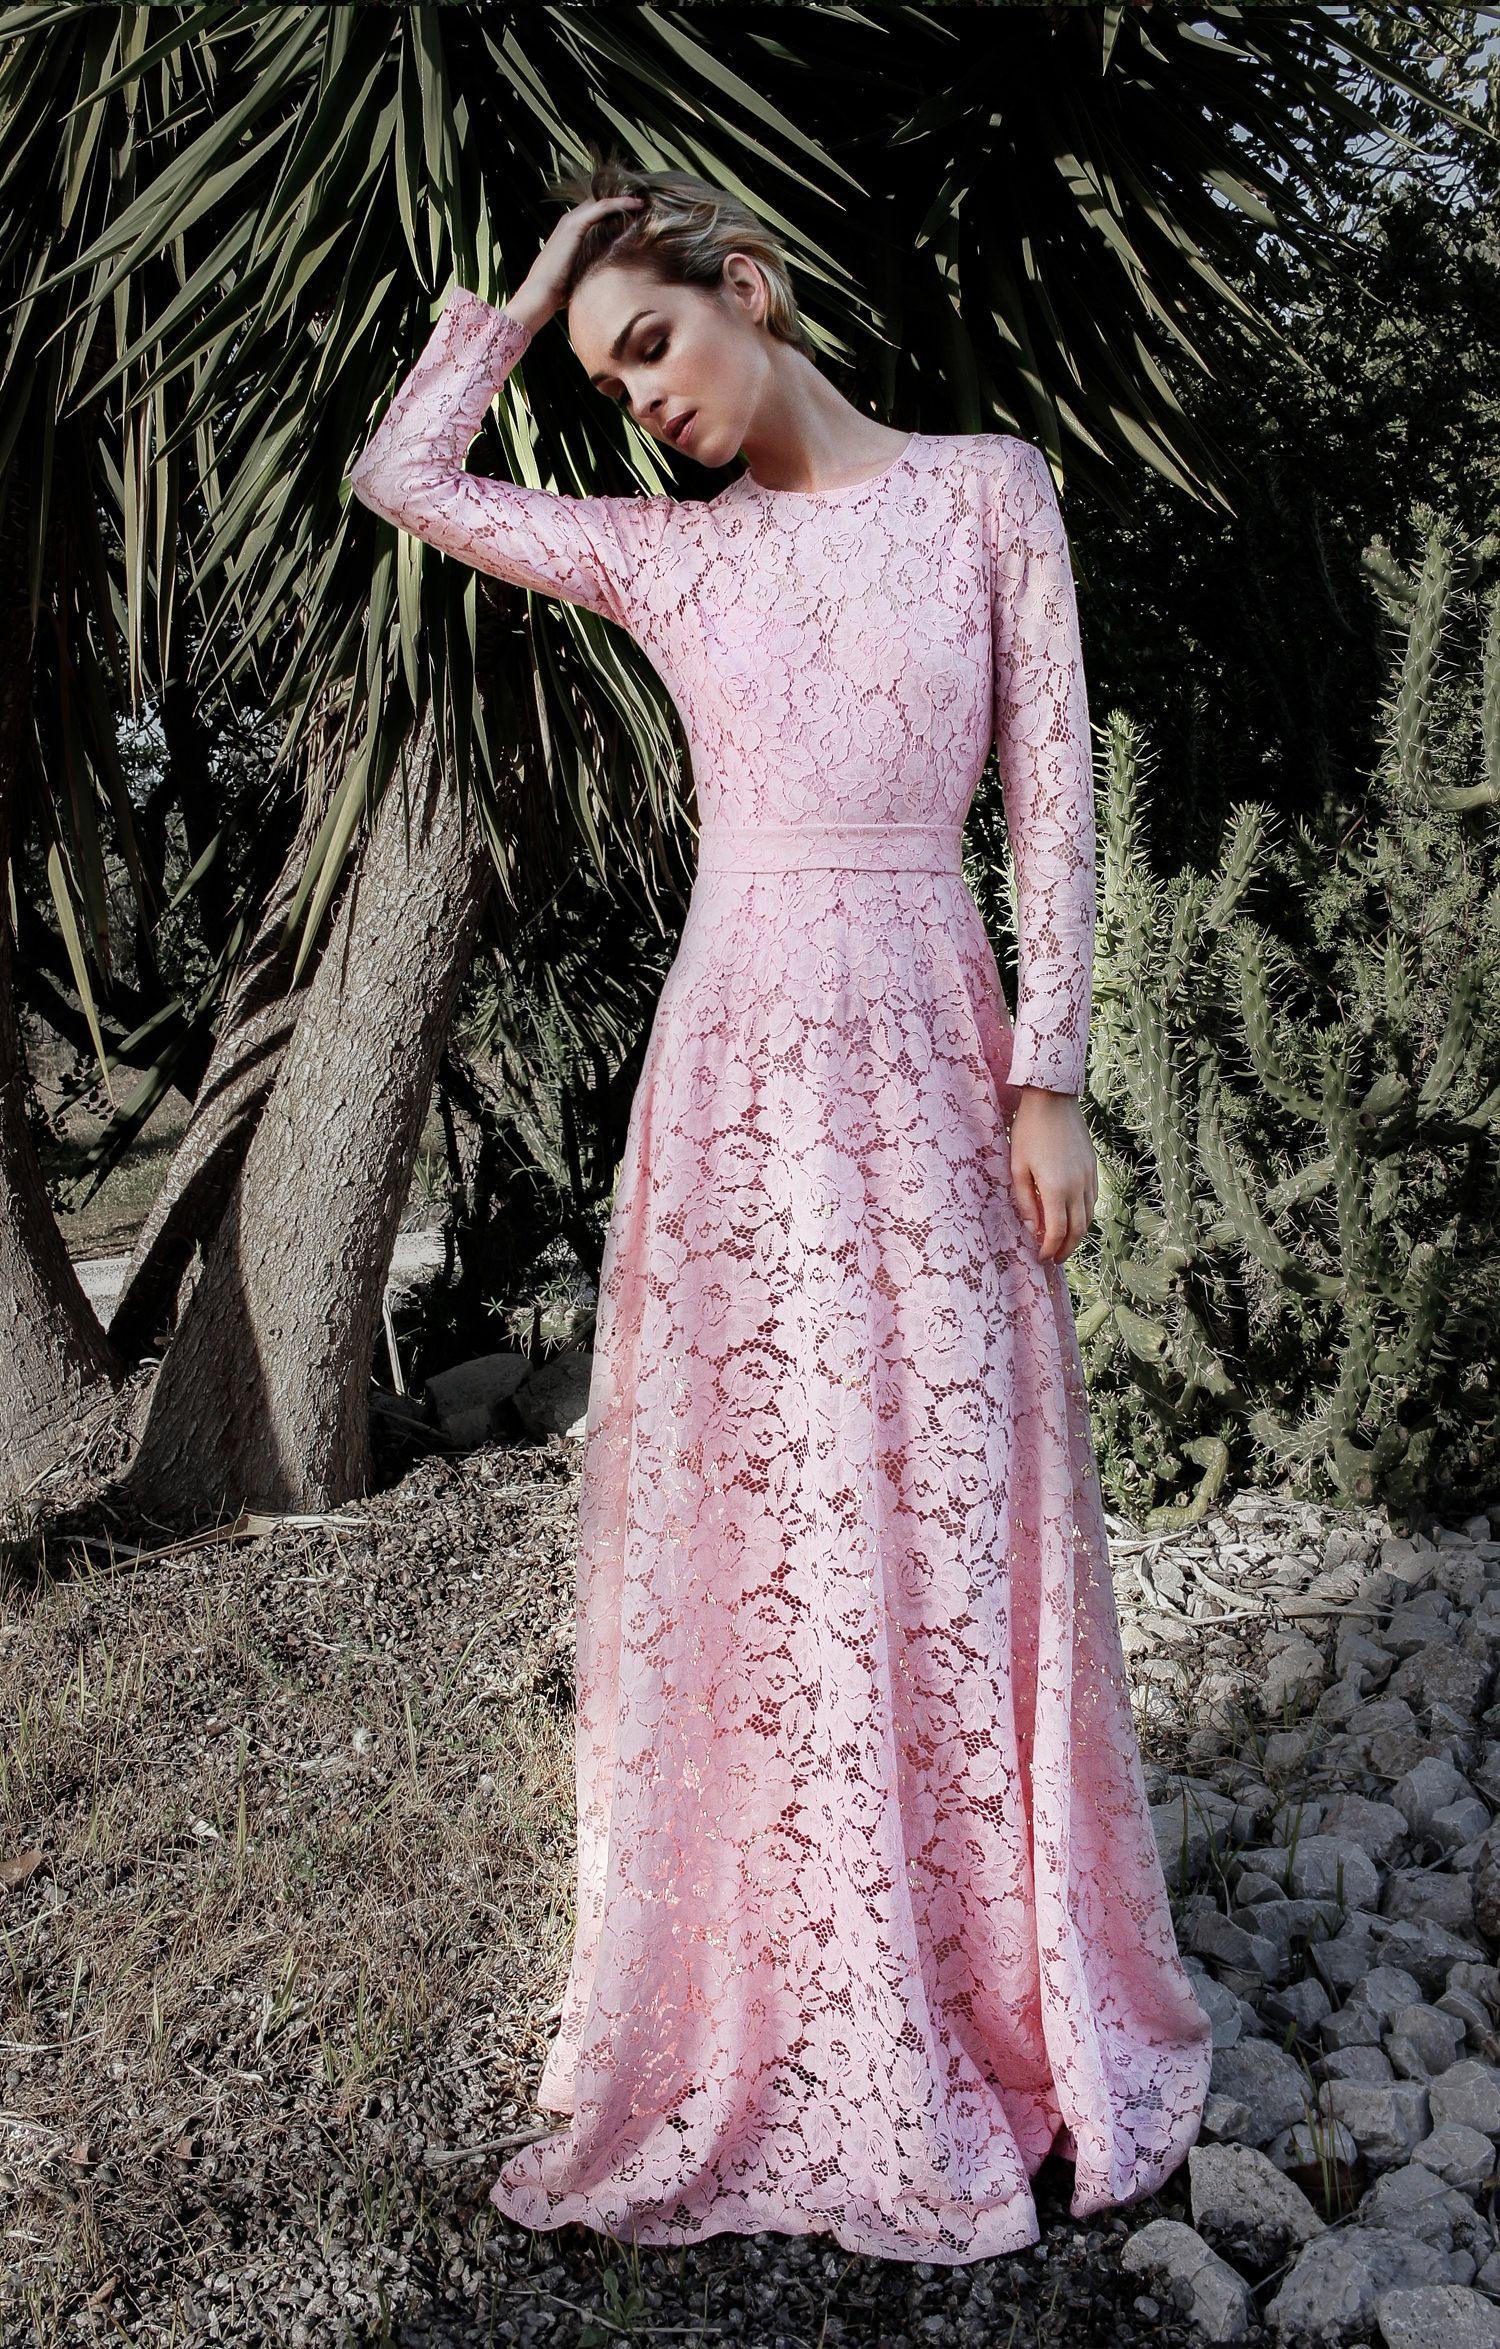 Abend Erstaunlich Abendkleid Designer Galerie13 Einfach Abendkleid Designer Spezialgebiet